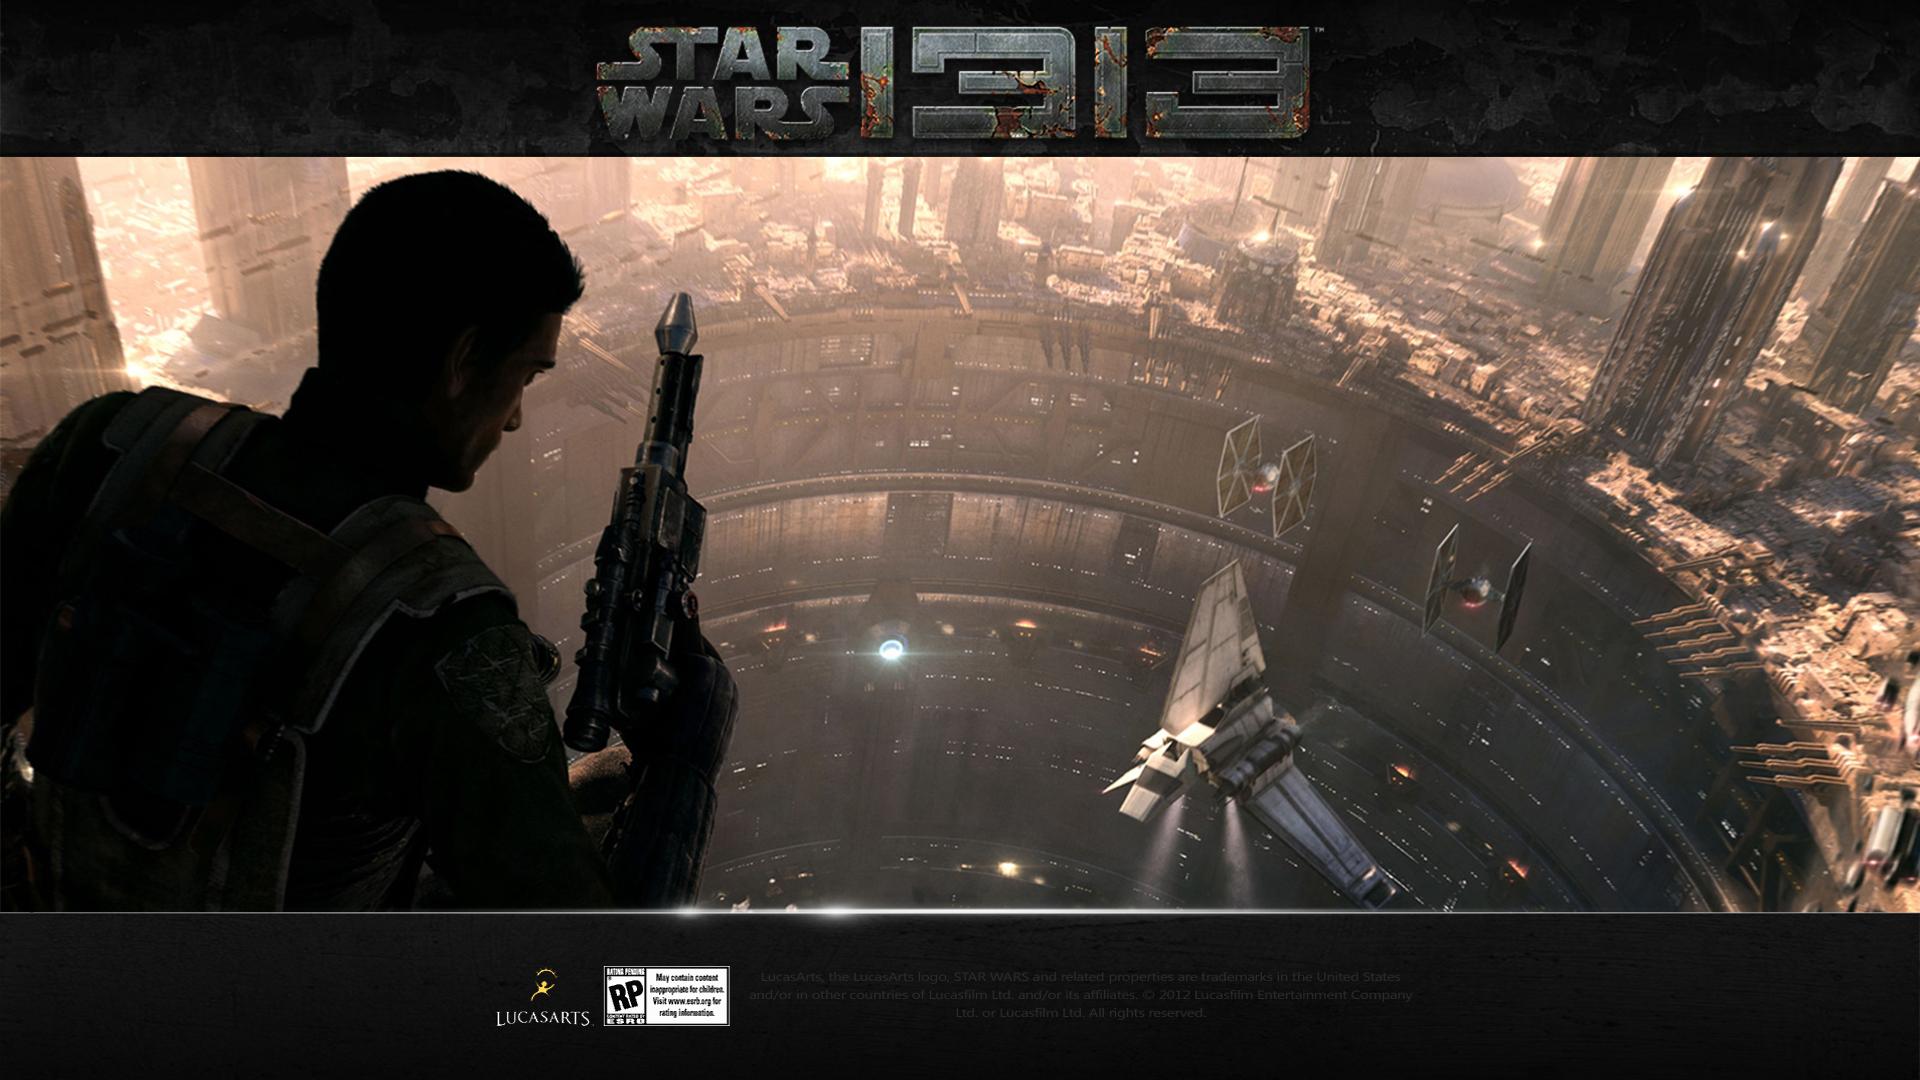 El lado Oscuro lo nubla todo, incluso el futuro de Star Wars 1313 [Publisher Scum!]